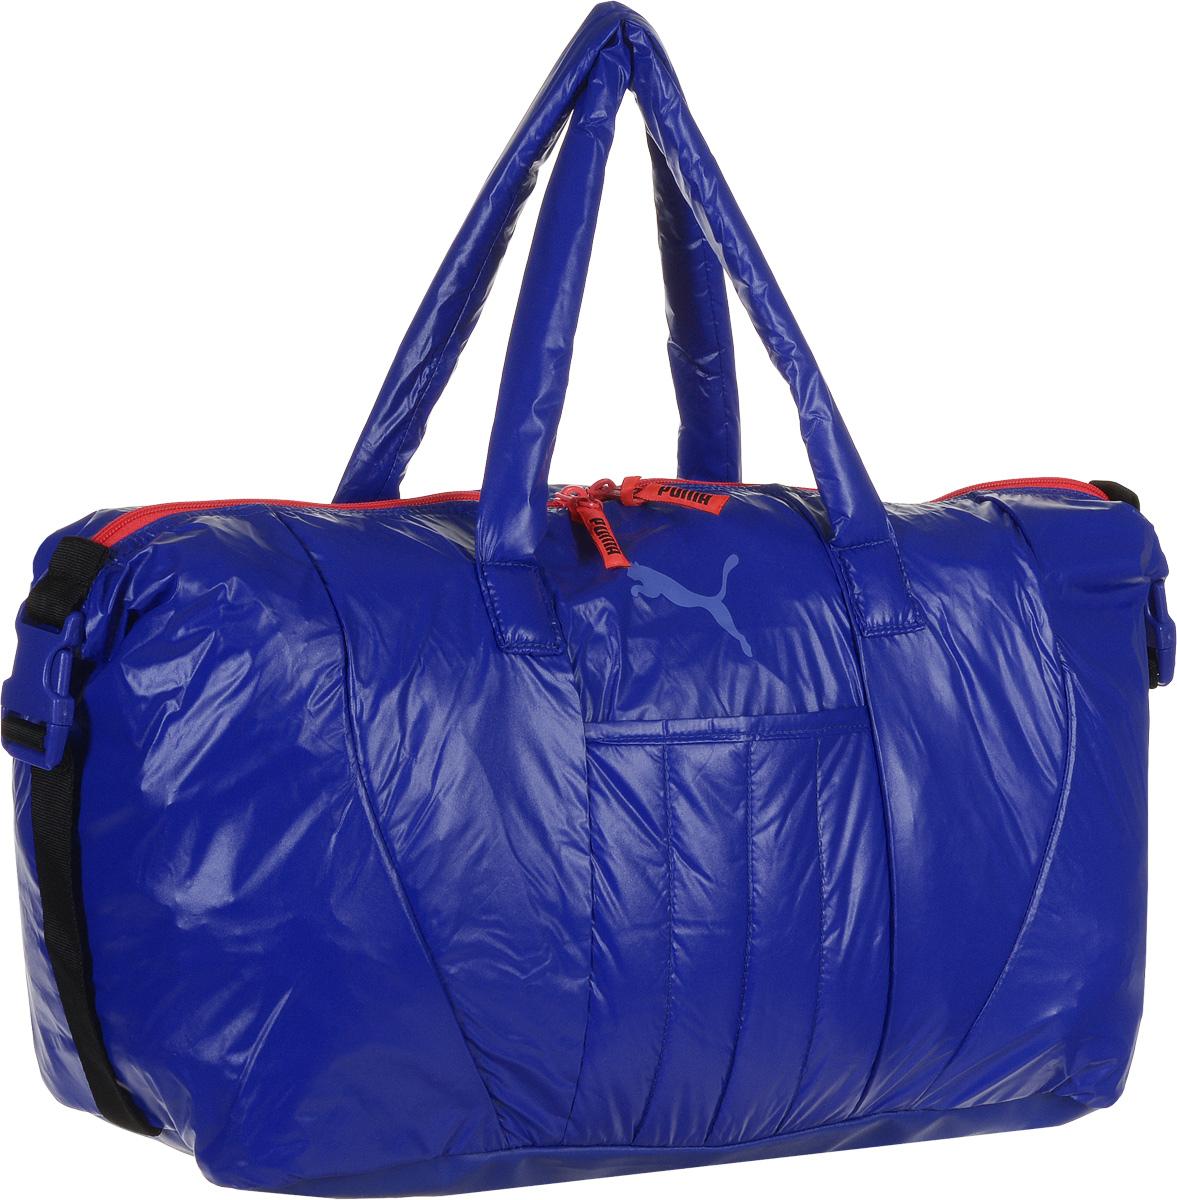 Сумка спортивная женская Puma Fit AT Workout Bag, цвет: синий. 0741330207413302Вместительная сумка Fit AT Workout Bag от Puma - удобный аксессуар для занятий спортом. Модель выполнена из непромокаемого нейлона, декорирована набивным логотипом Puma Cat. Сумка имеет главное отделение на молнии с двумя бегунками, накладной открытый карман спереди, конструкцию с пластиковой пряжкой сбоку для изменения размера и формы сумки, карман на молнии внутри, большой накладной карман из эластичного материала для влажной спортивной экипировки и мягкие ручки для переноски из основного материала изделия. Декоративные элементы представлены тесьмой с символикой Puma, продернутой в язычки застежек-молний. Функциональная подкладка из полиэстера некоторых отделений, водоотталкивающее покрытие нижней части обеспечивают максимум удобства. Сумка очень эргономична, поэтому вы сможете разместить все необходимое для тренировки. Основанный в 1948 году бренд Puma стал выбором многих героев мирового спорта. Дизайн Puma сосредоточен на стиле и функциональности моделей, поэтому...